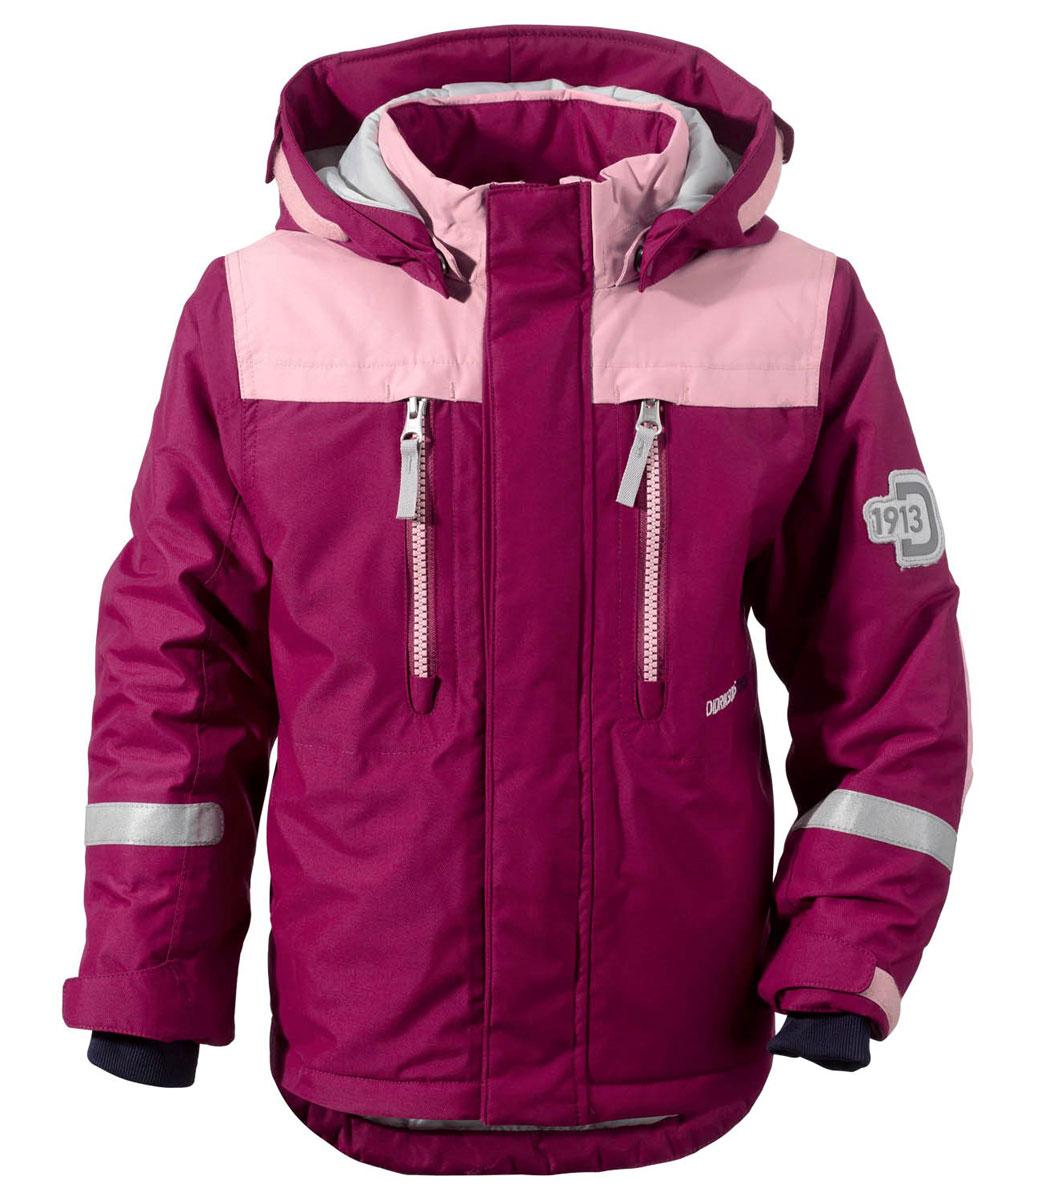 Куртка детская Didriksons1913 Hamres, цвет: темная фуксия. 501060_196. Размер 100